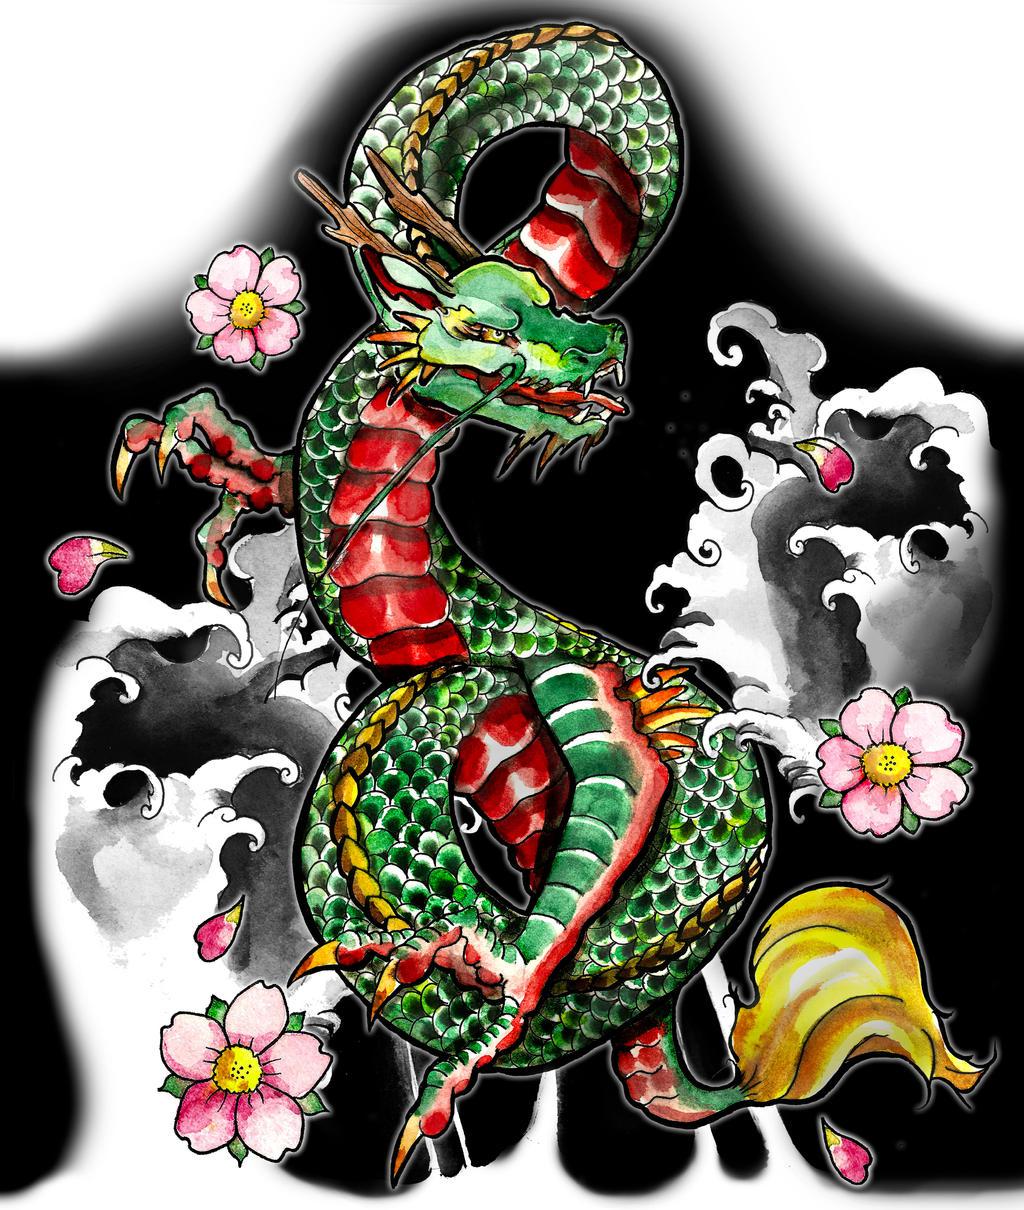 Dragon Sleeve 2 by artfullycreative